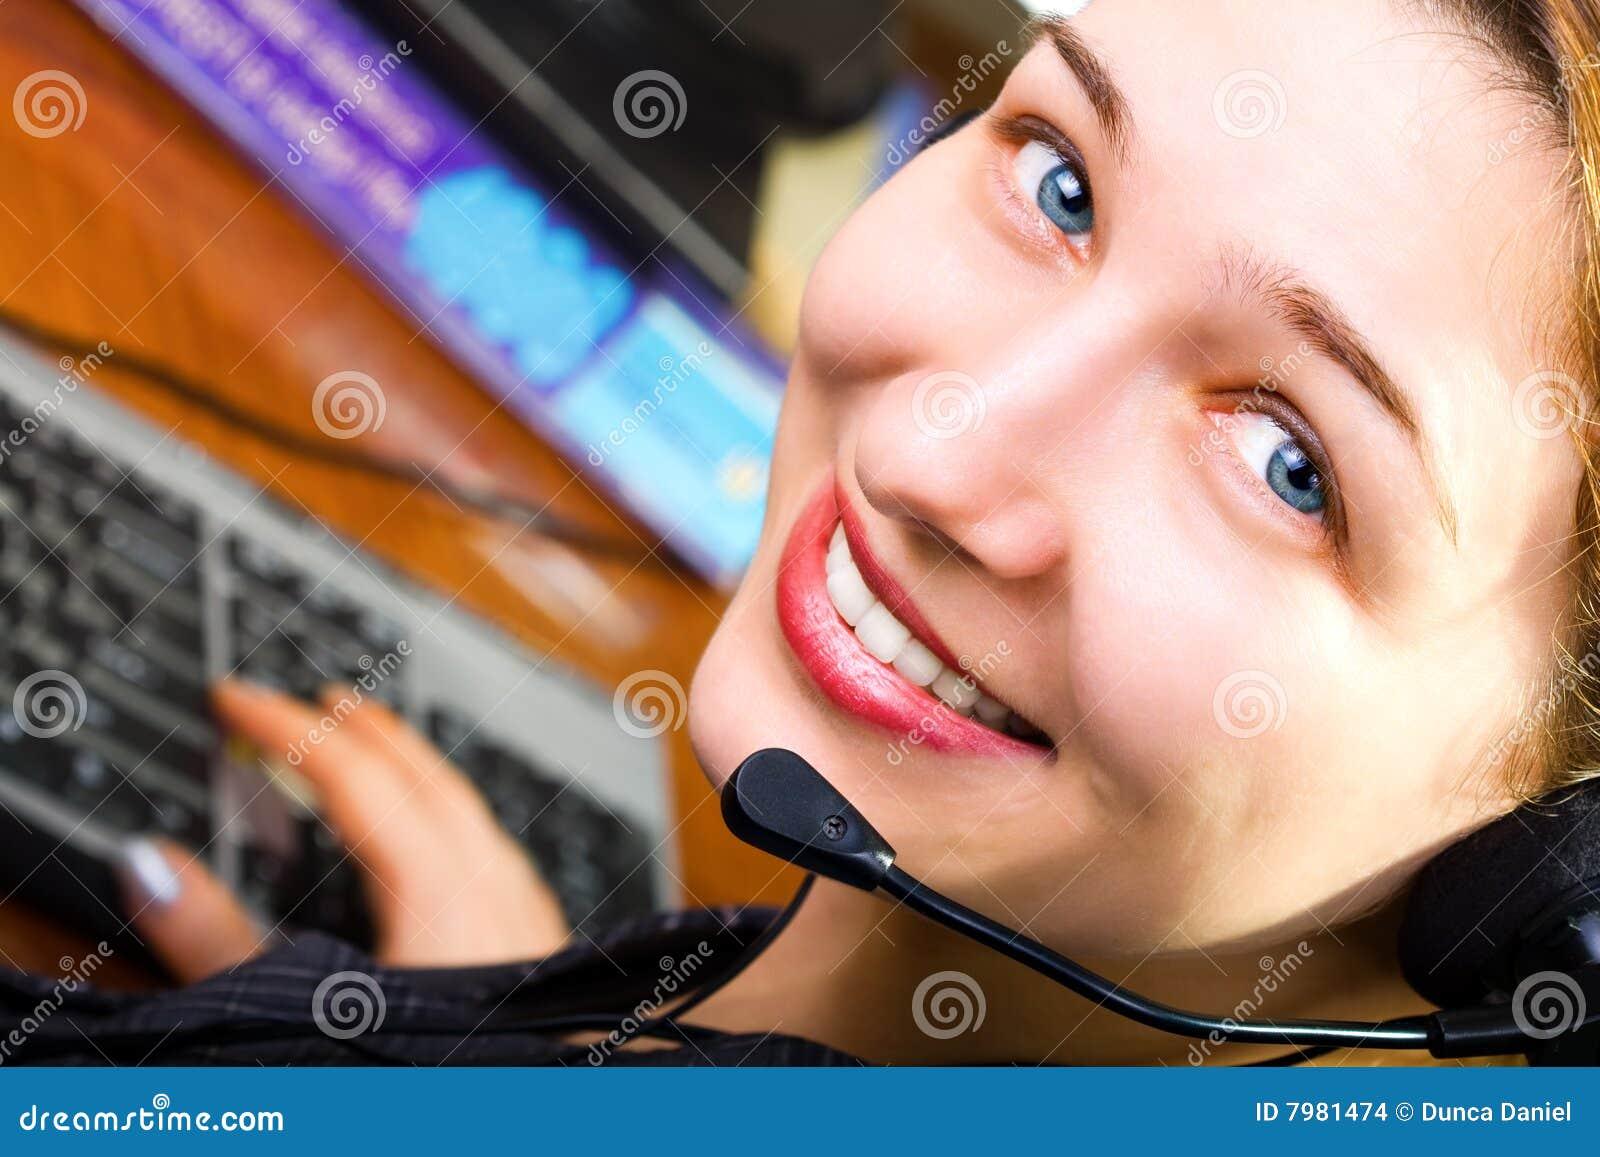 Arbetare för service för kundkvinnlig vänlig trevlig